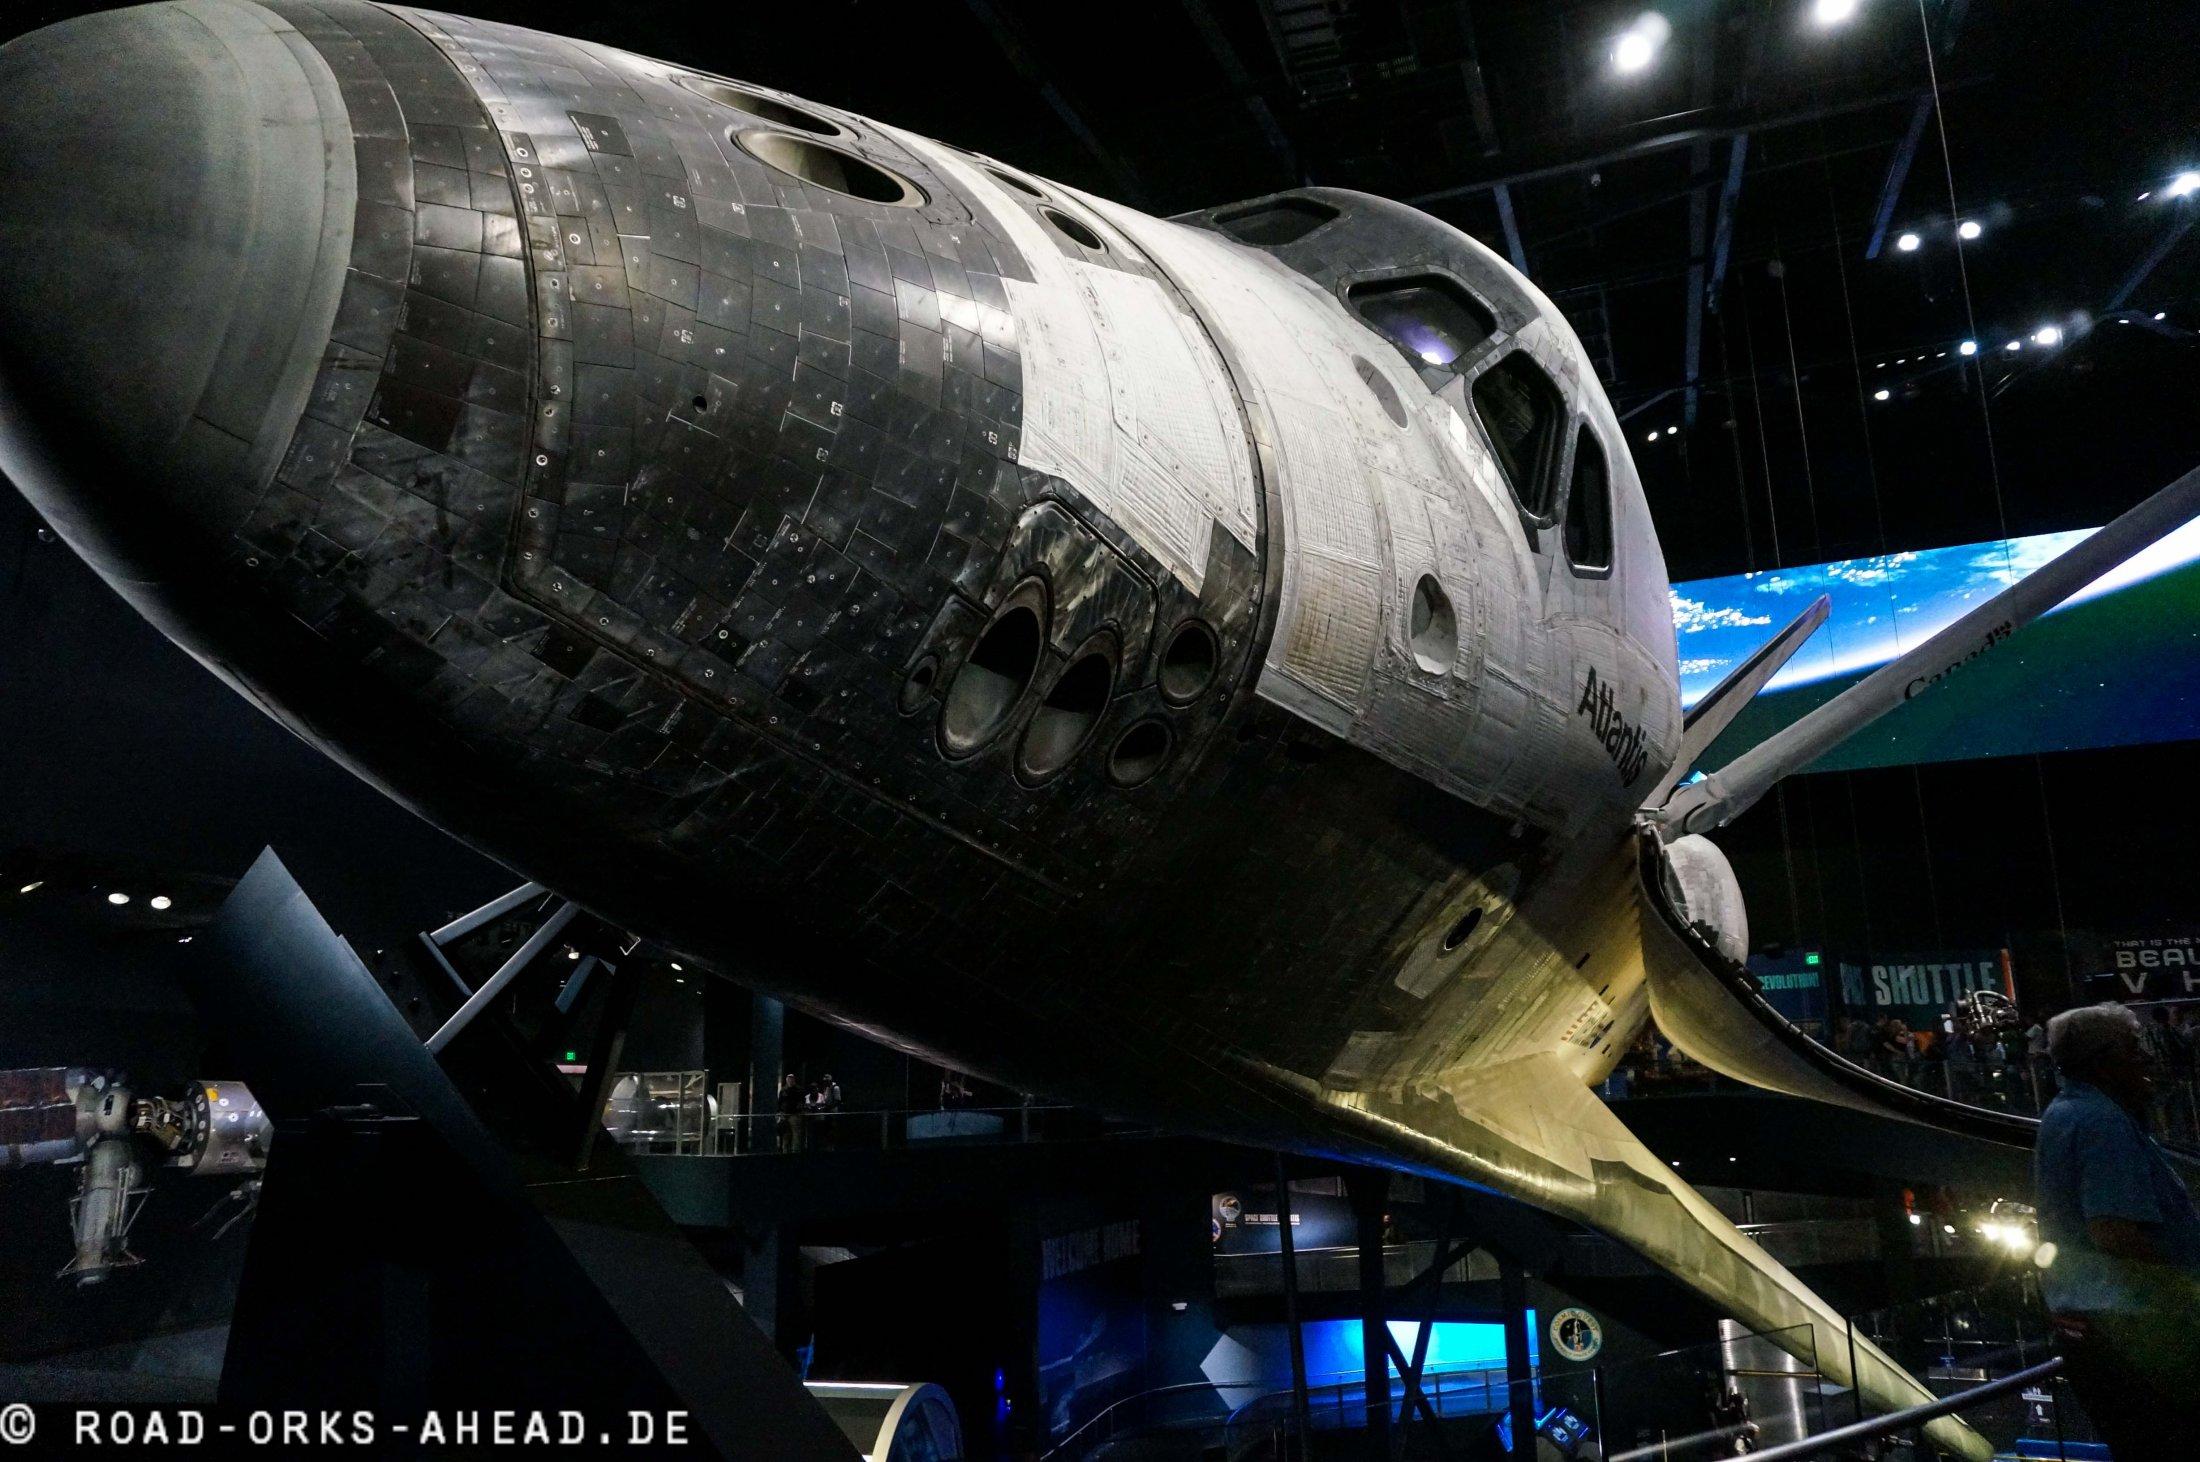 Spaceshuttle Atlantis